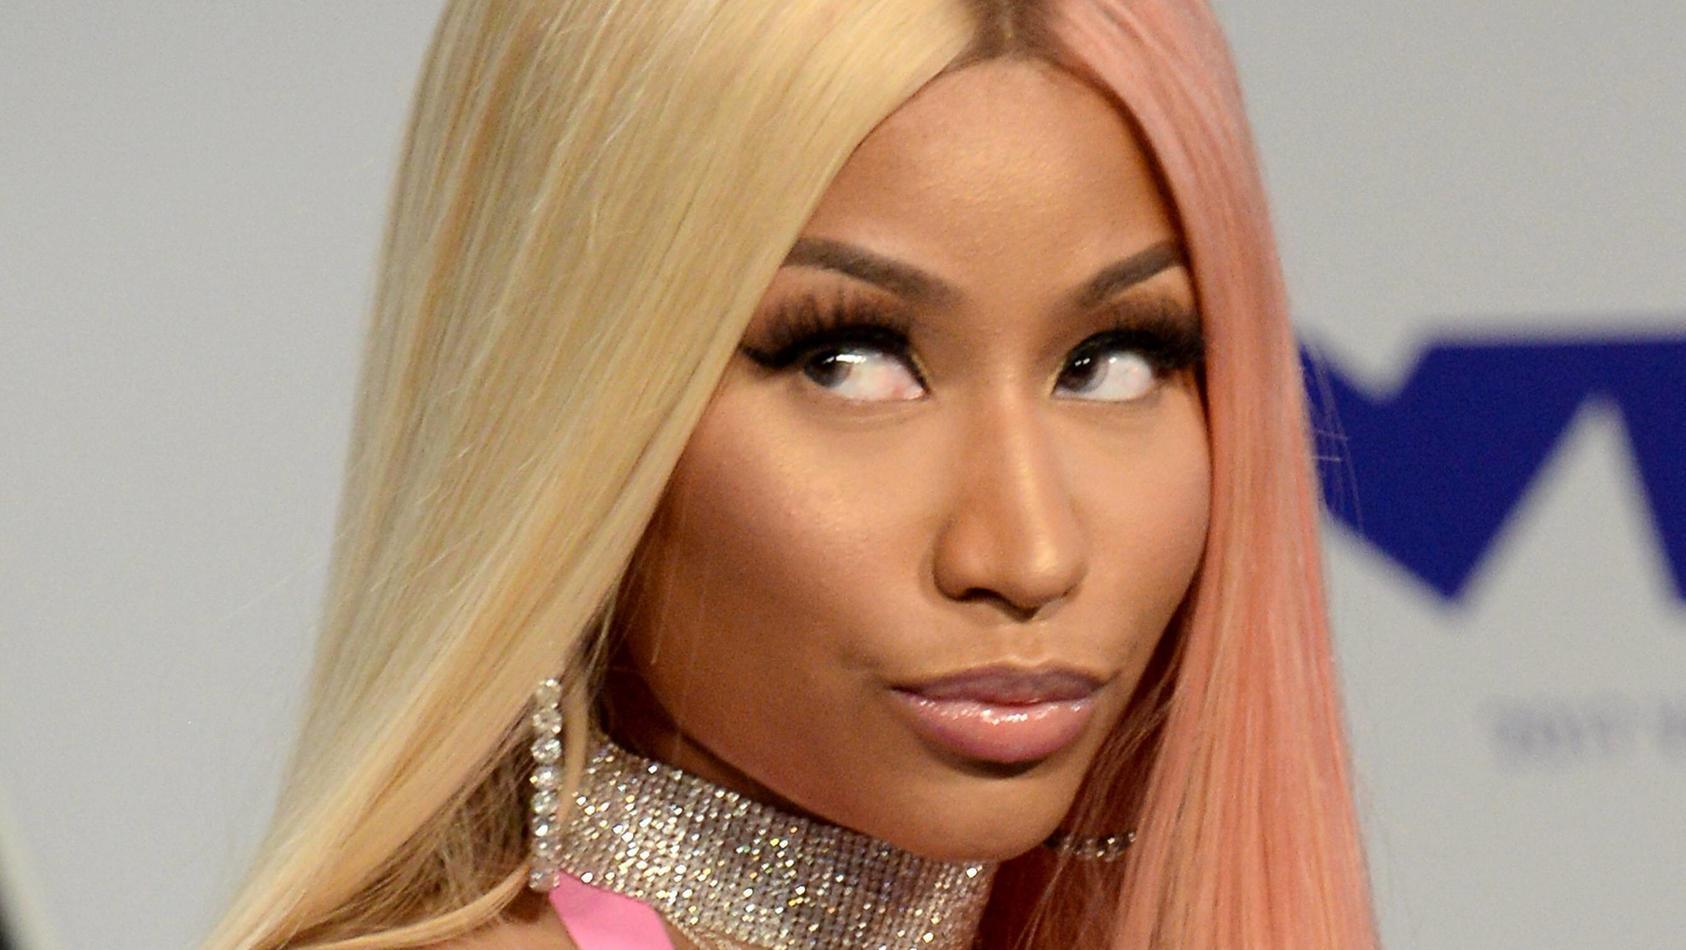 Wird Nicki Minaj in ein Verbrechen hineingezogen?